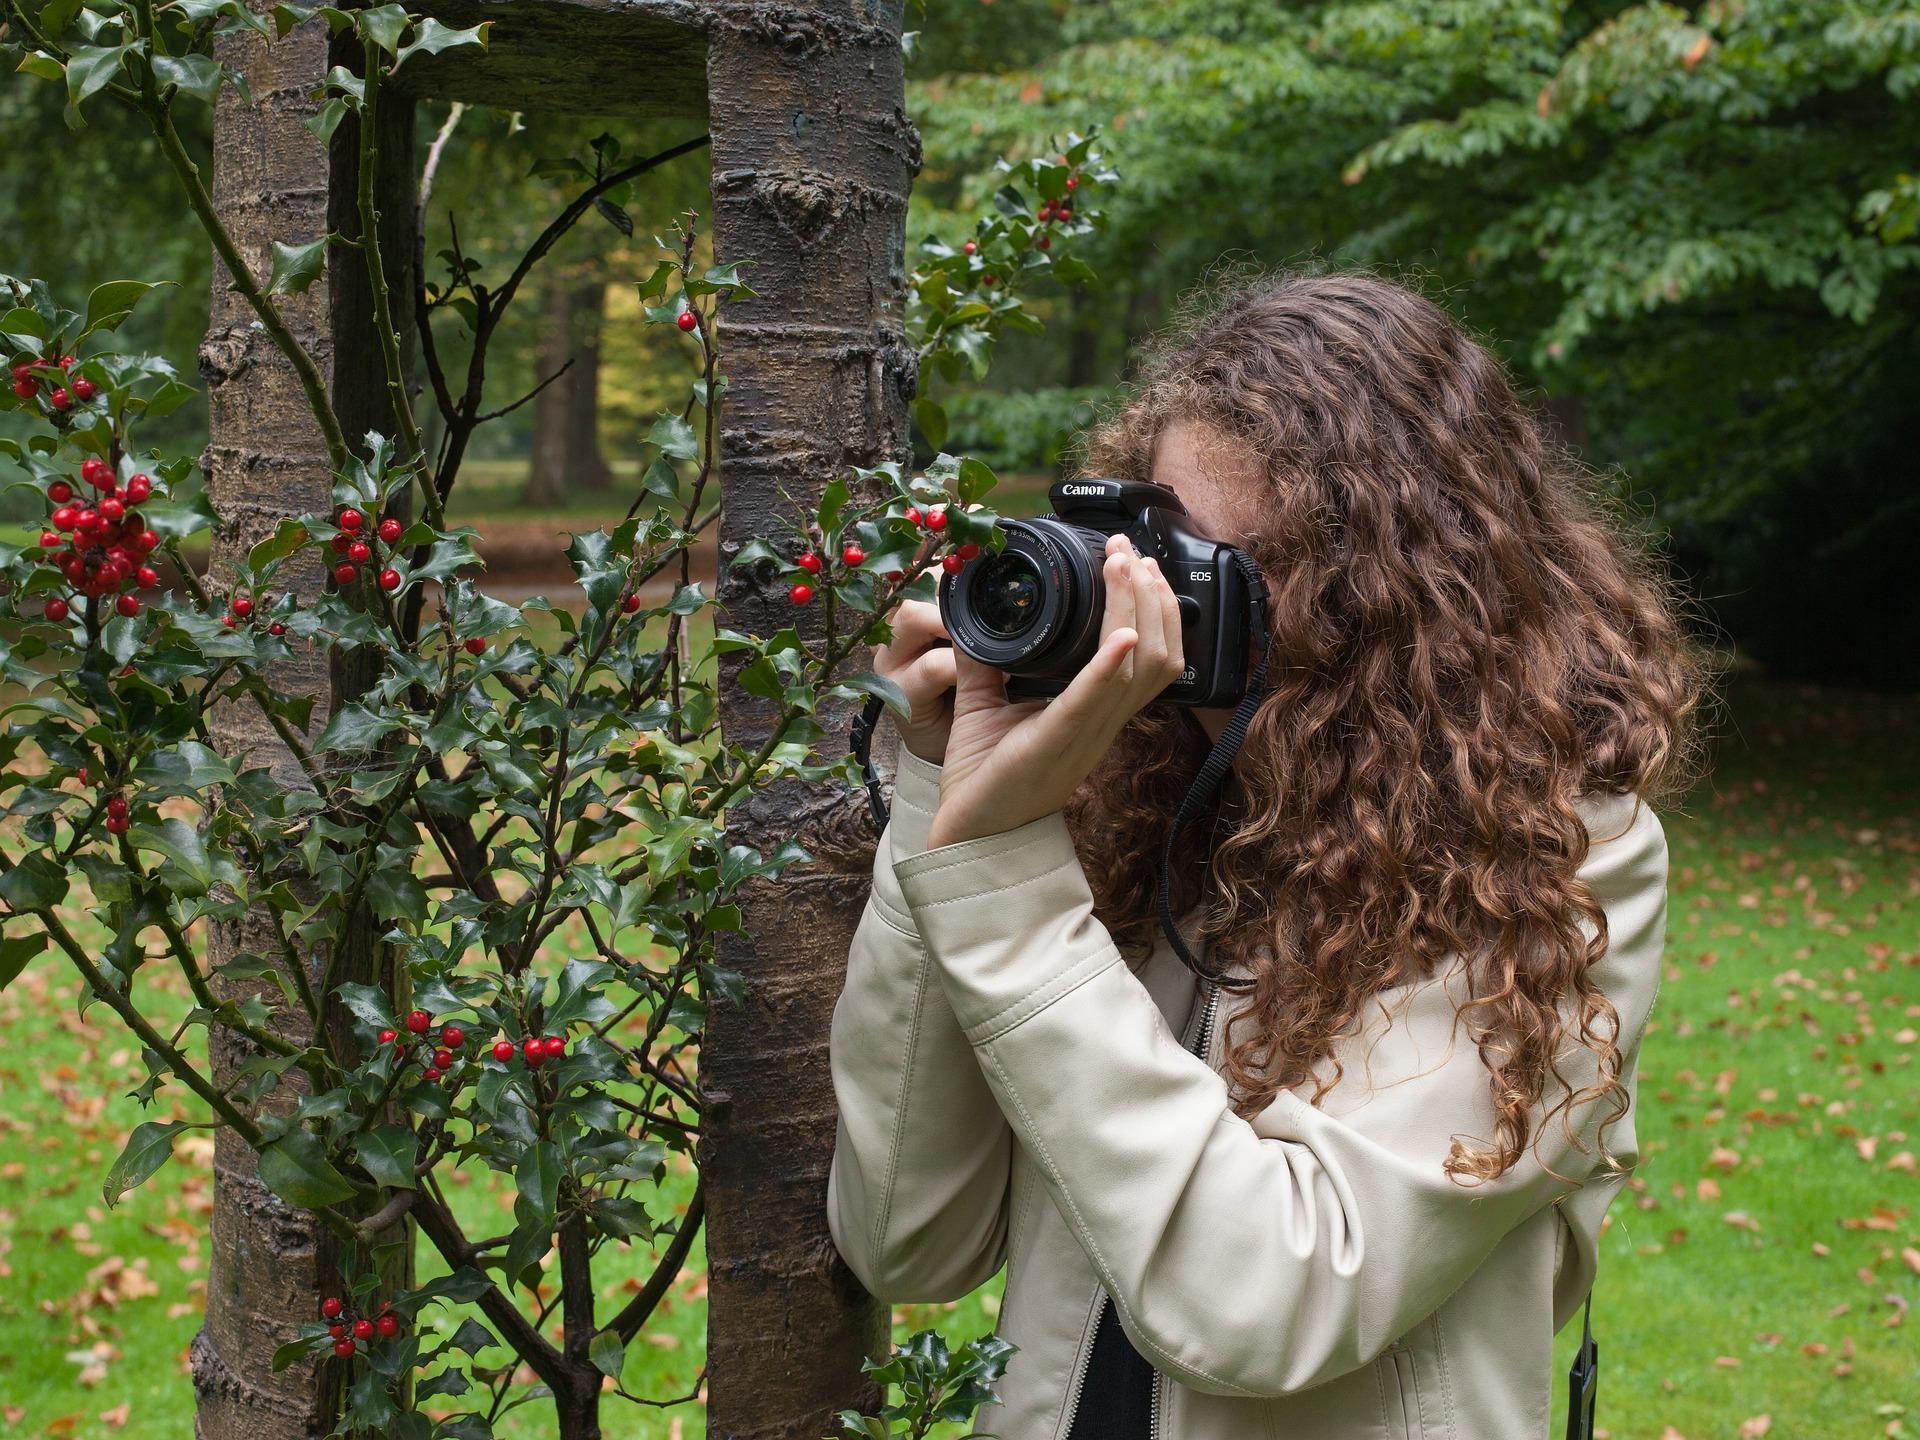 Mulher fotografando detalhe de fruto de uma árvore.